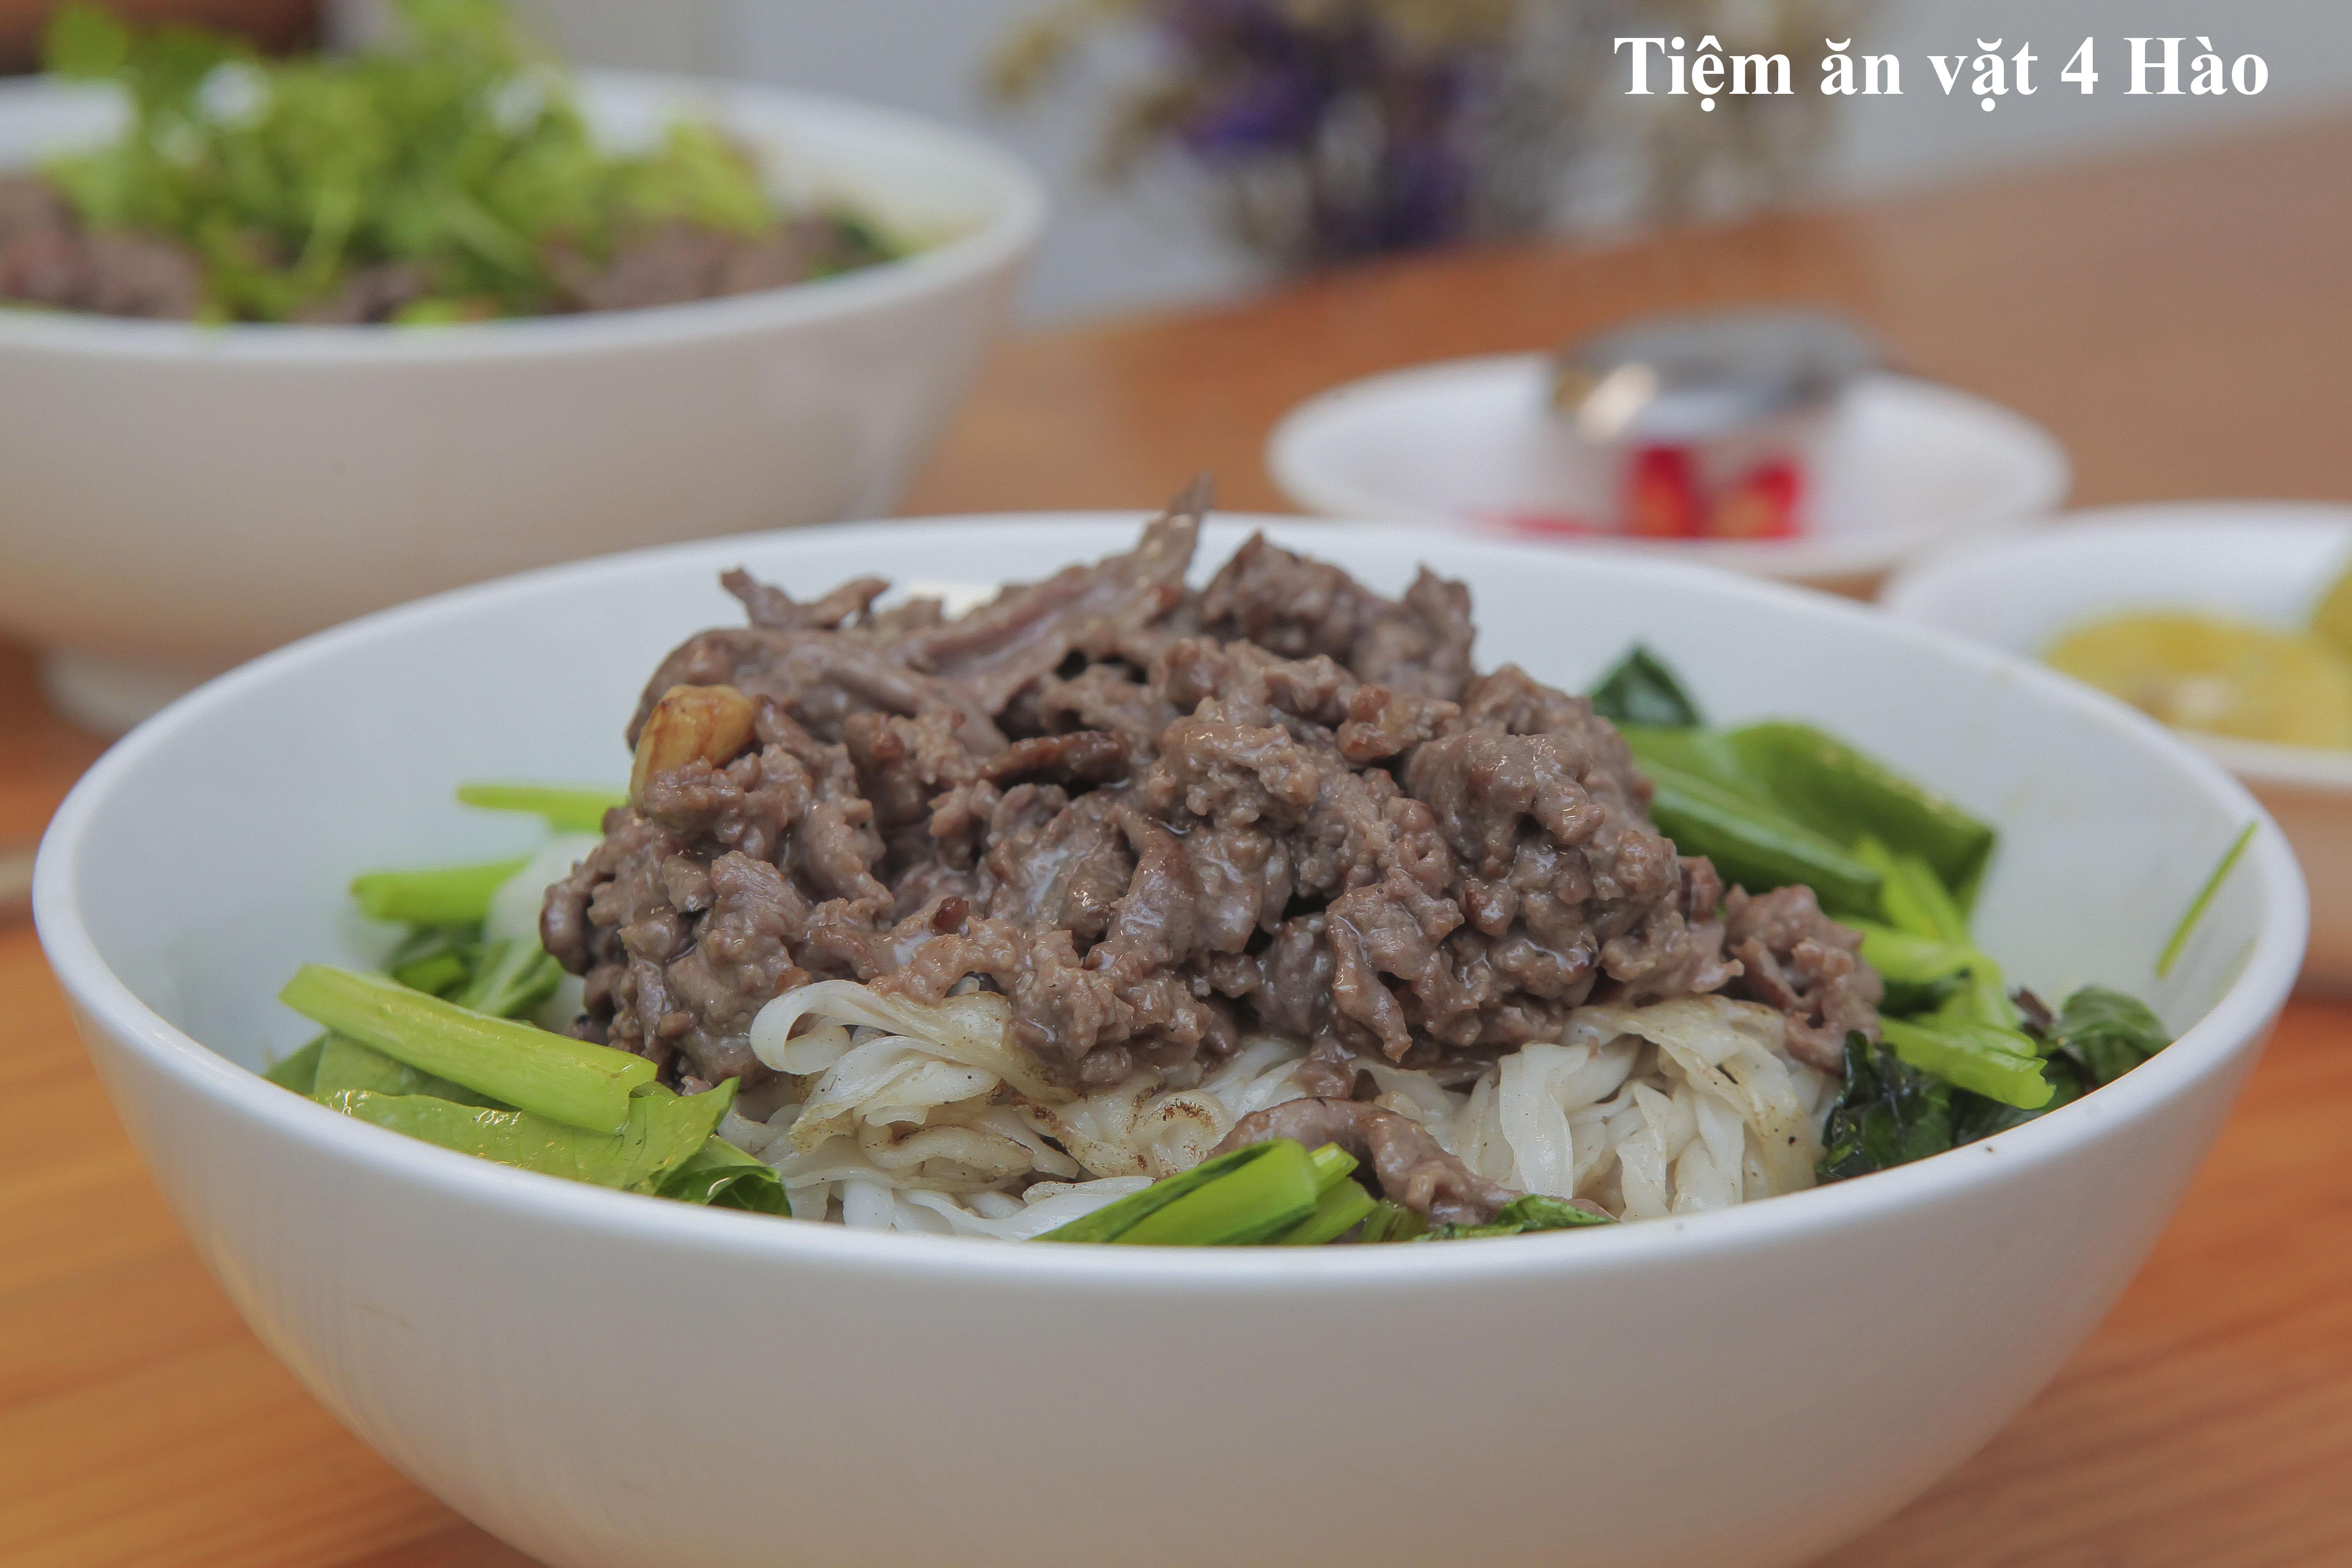 Phở và bún bò Nam Bộ: 2món ngon nức tiếng được CNN khuyên nên thử khi đến Việt Nam - Ảnh 2.